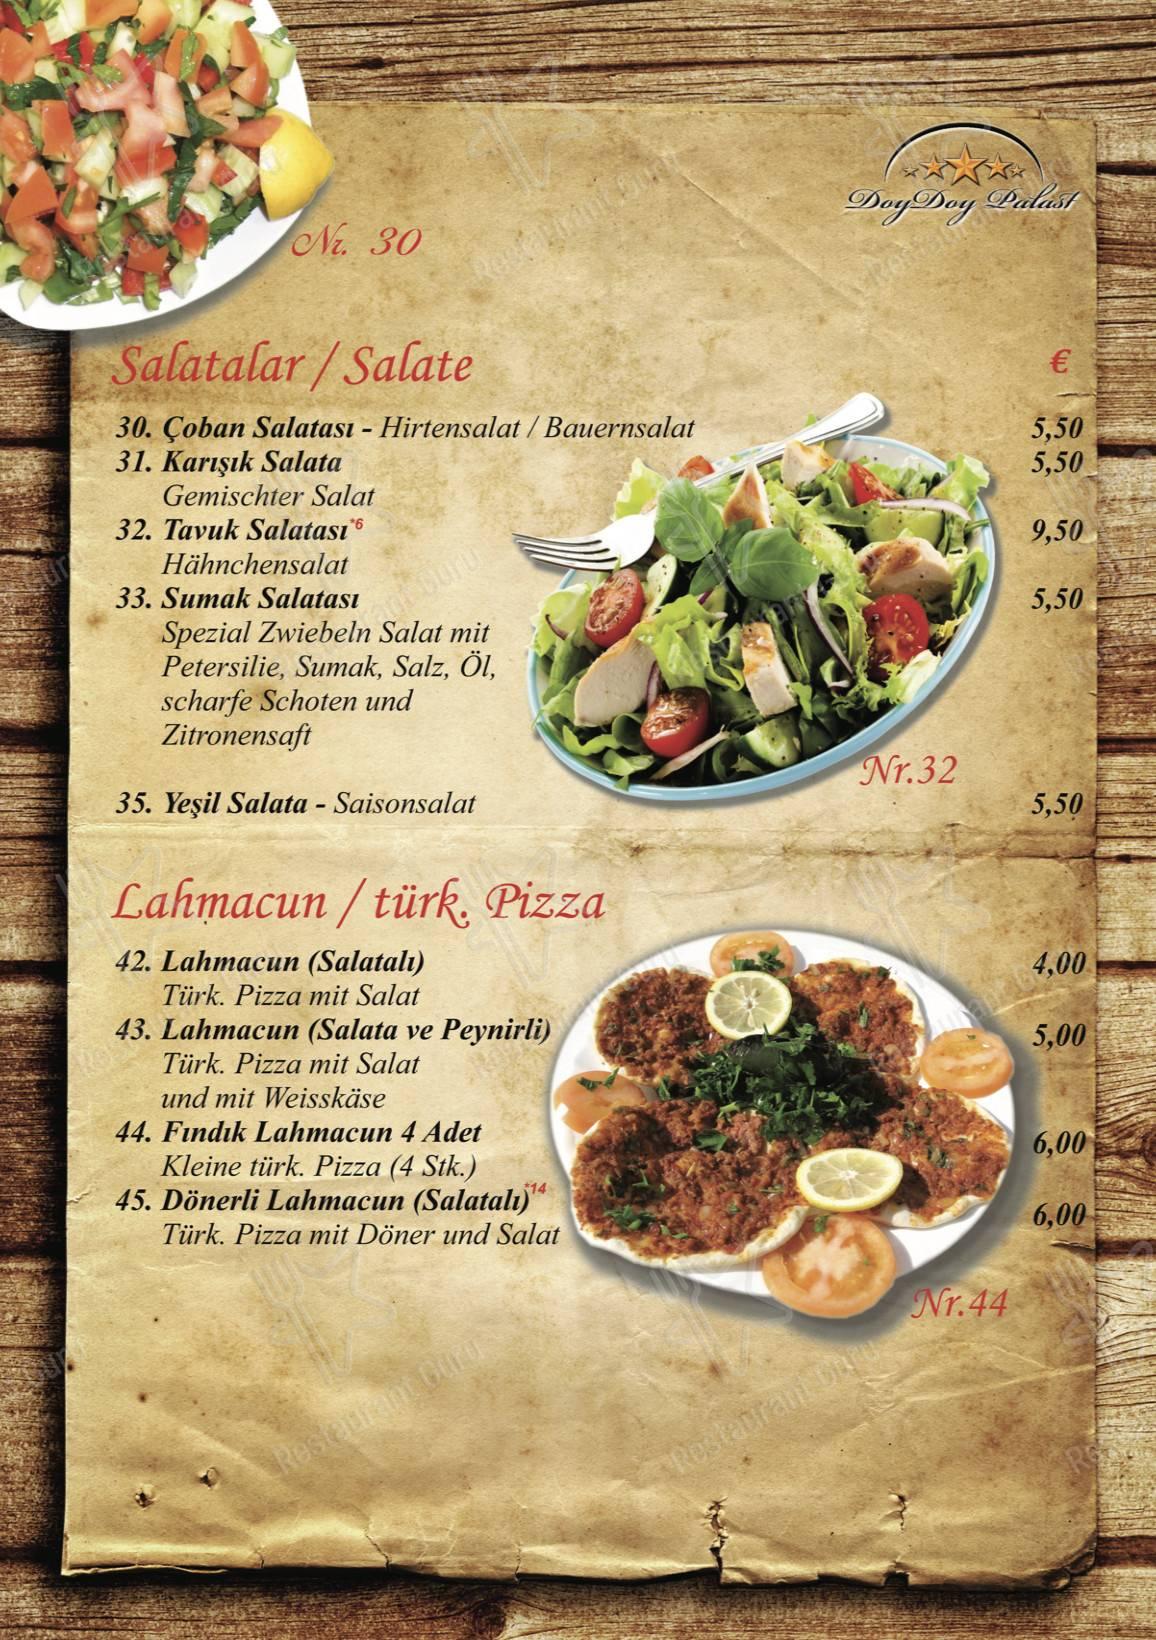 Doy Doy Palast Speisekarte - Gerichte und Getränke